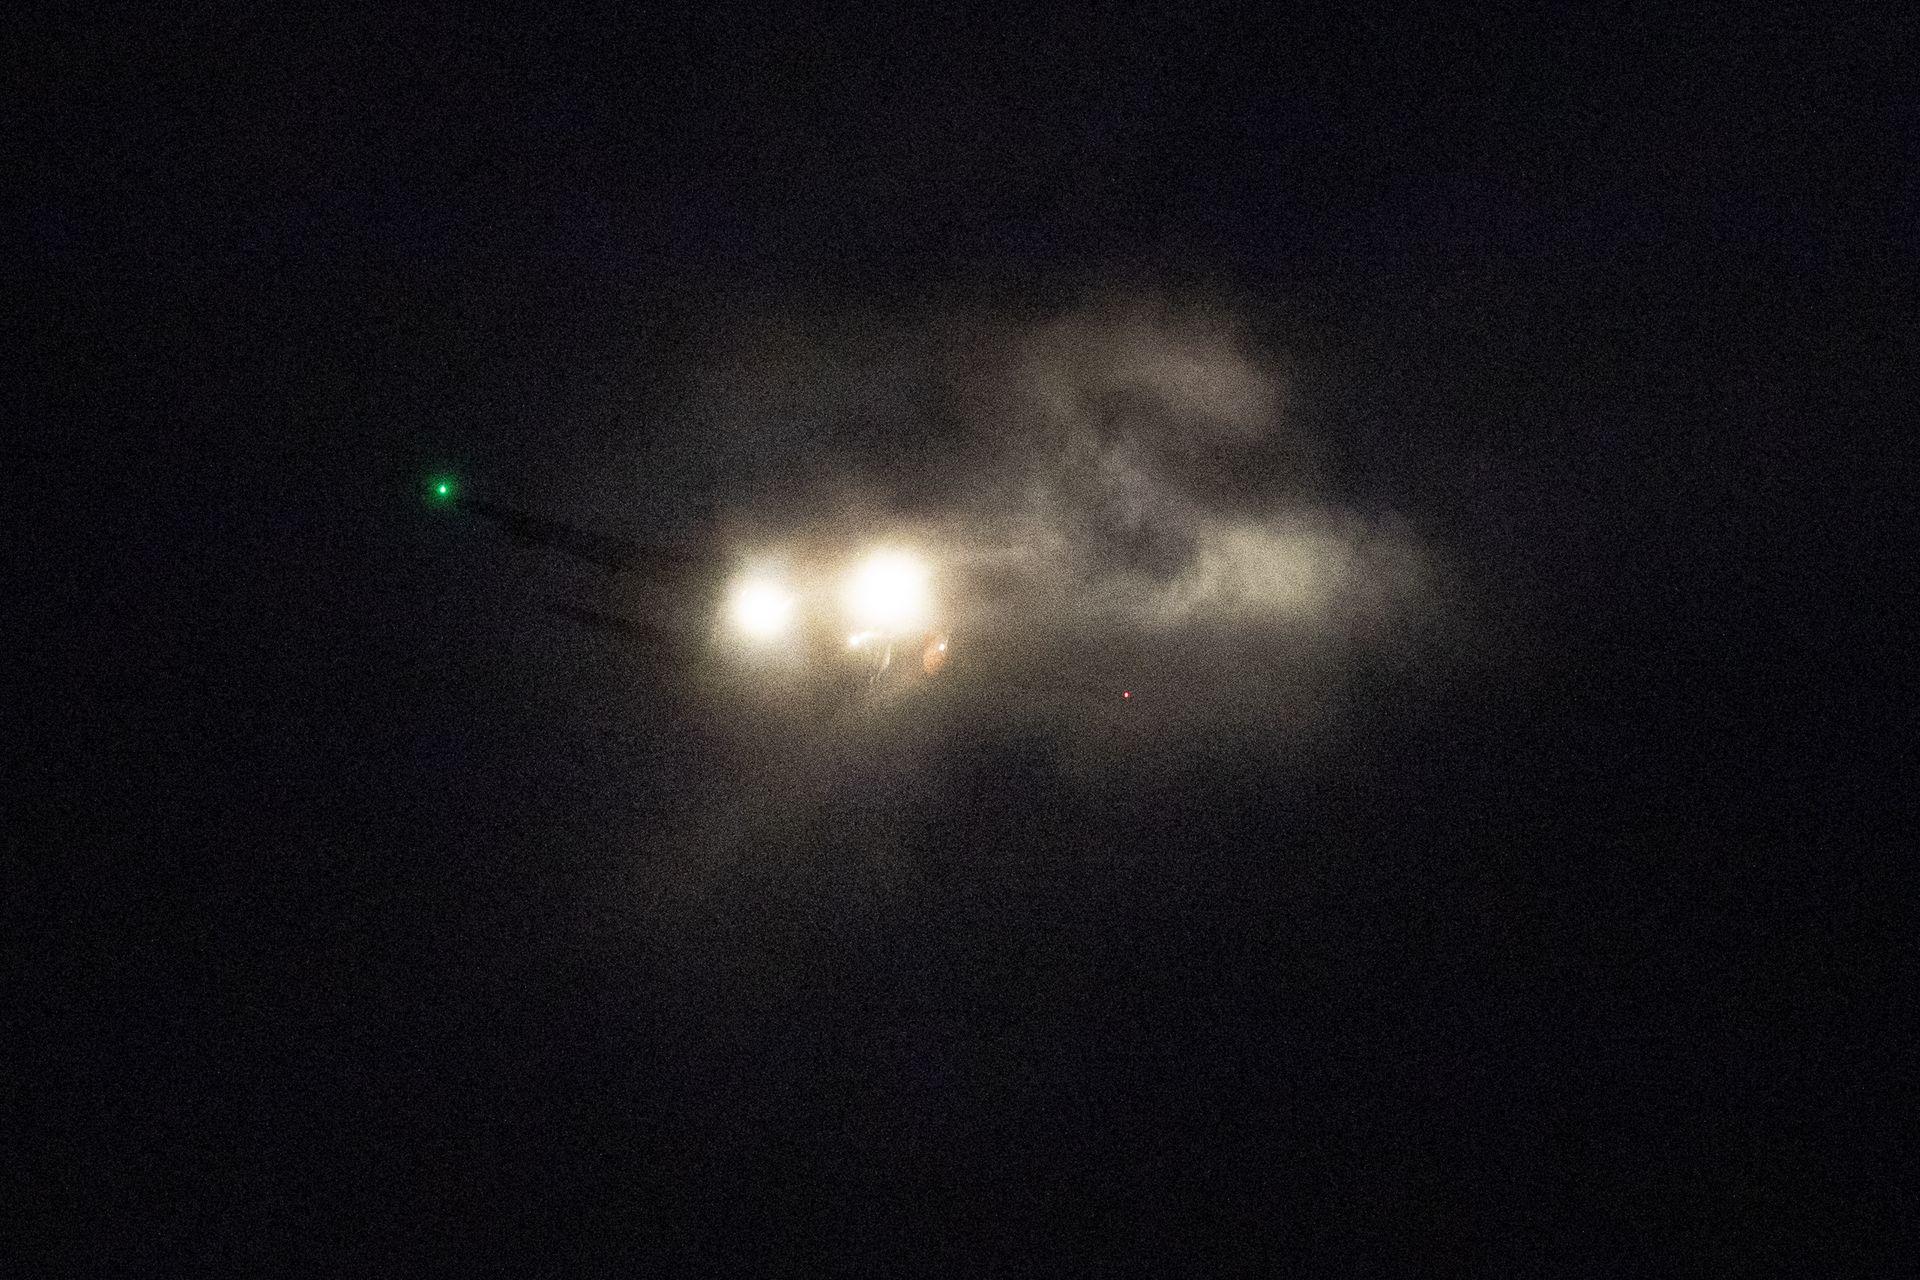 Самолет си пробива път през облаците, когато се приближава до летище Шипхол в Амстердам, Нидерландия